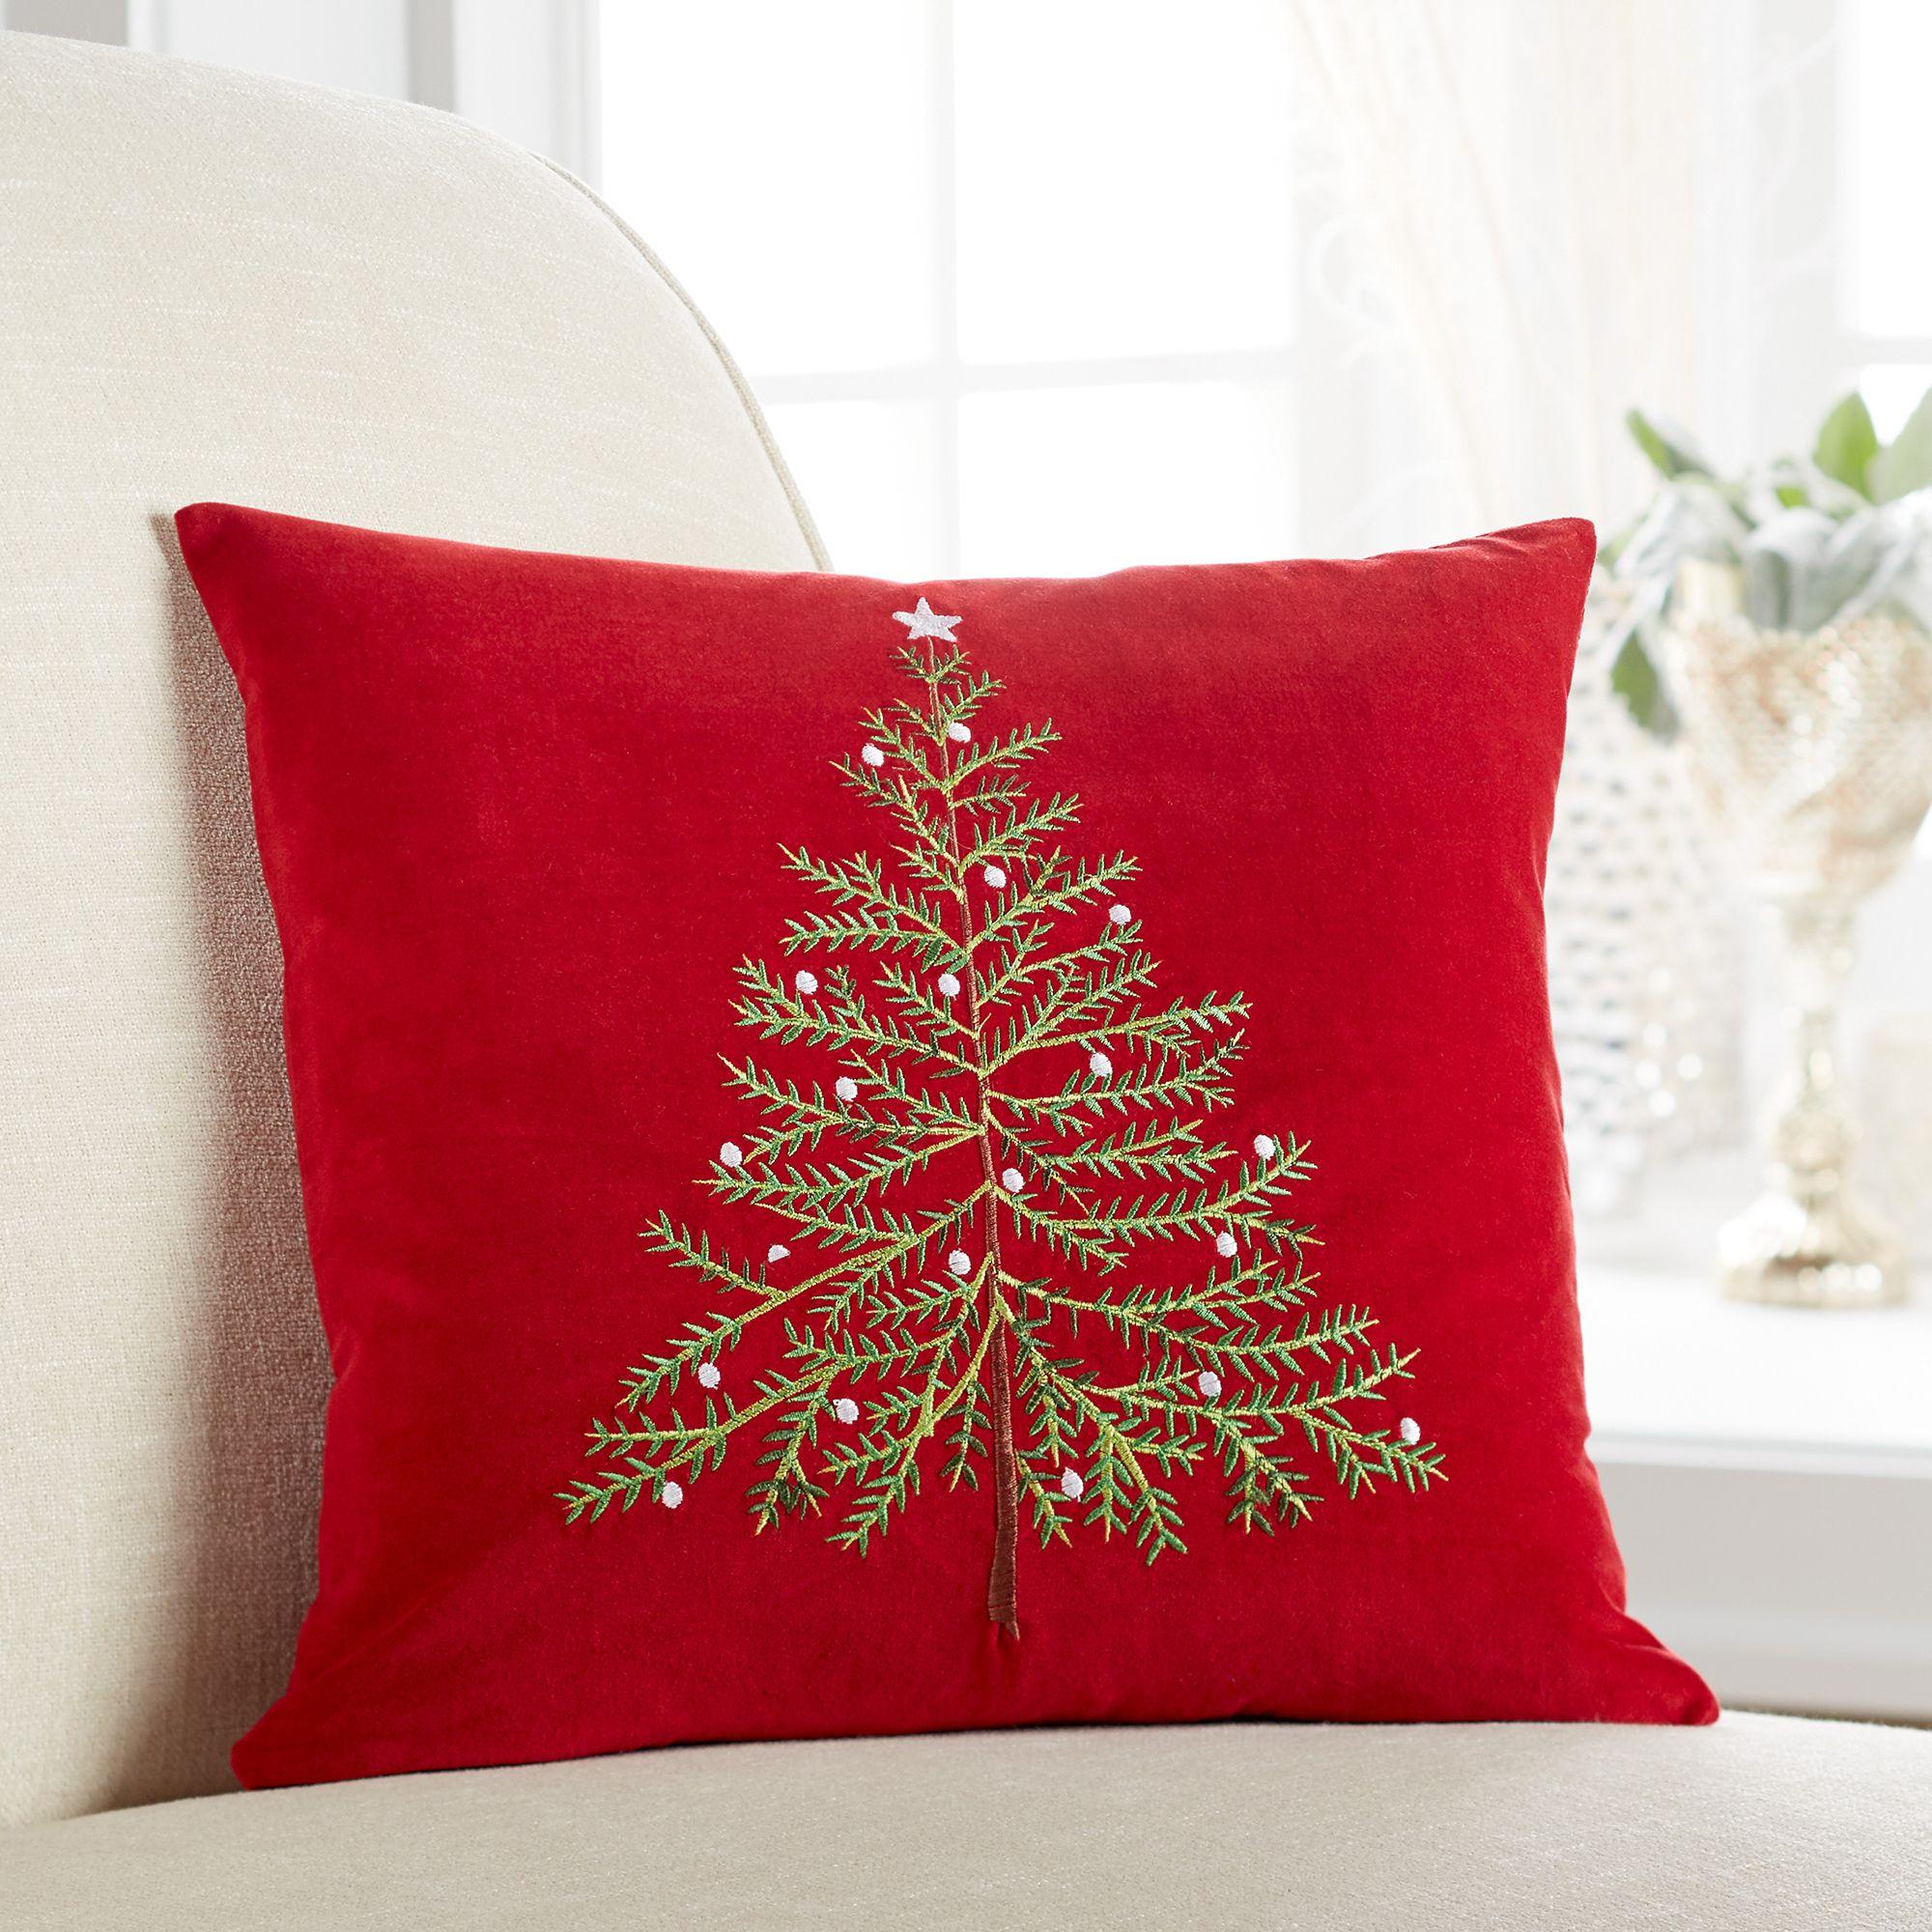 Velvet Embroidered Christmas Tree Pillow Red Christmas Decor Holiday Pillows Christmas Tree Pillow